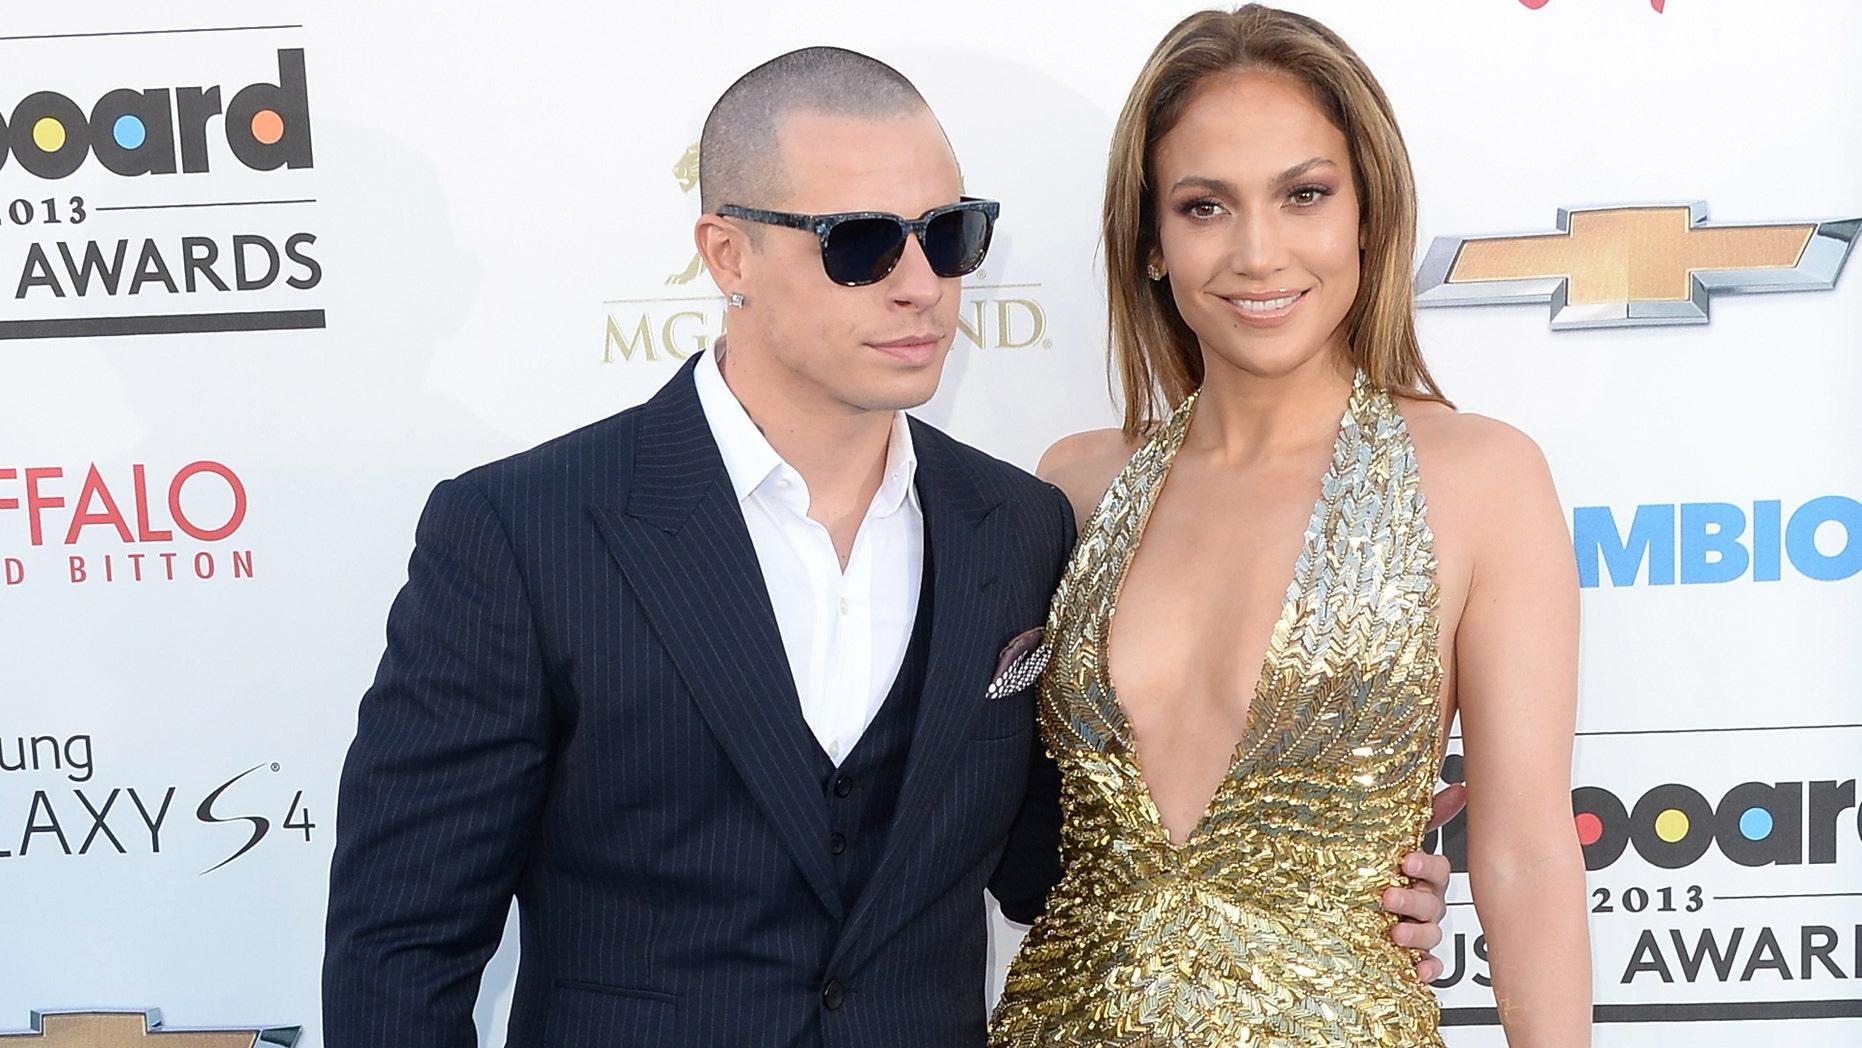 Jennifer Lopez and Casper Smart on May 19, 2013 in Las Vegas, Nevada.